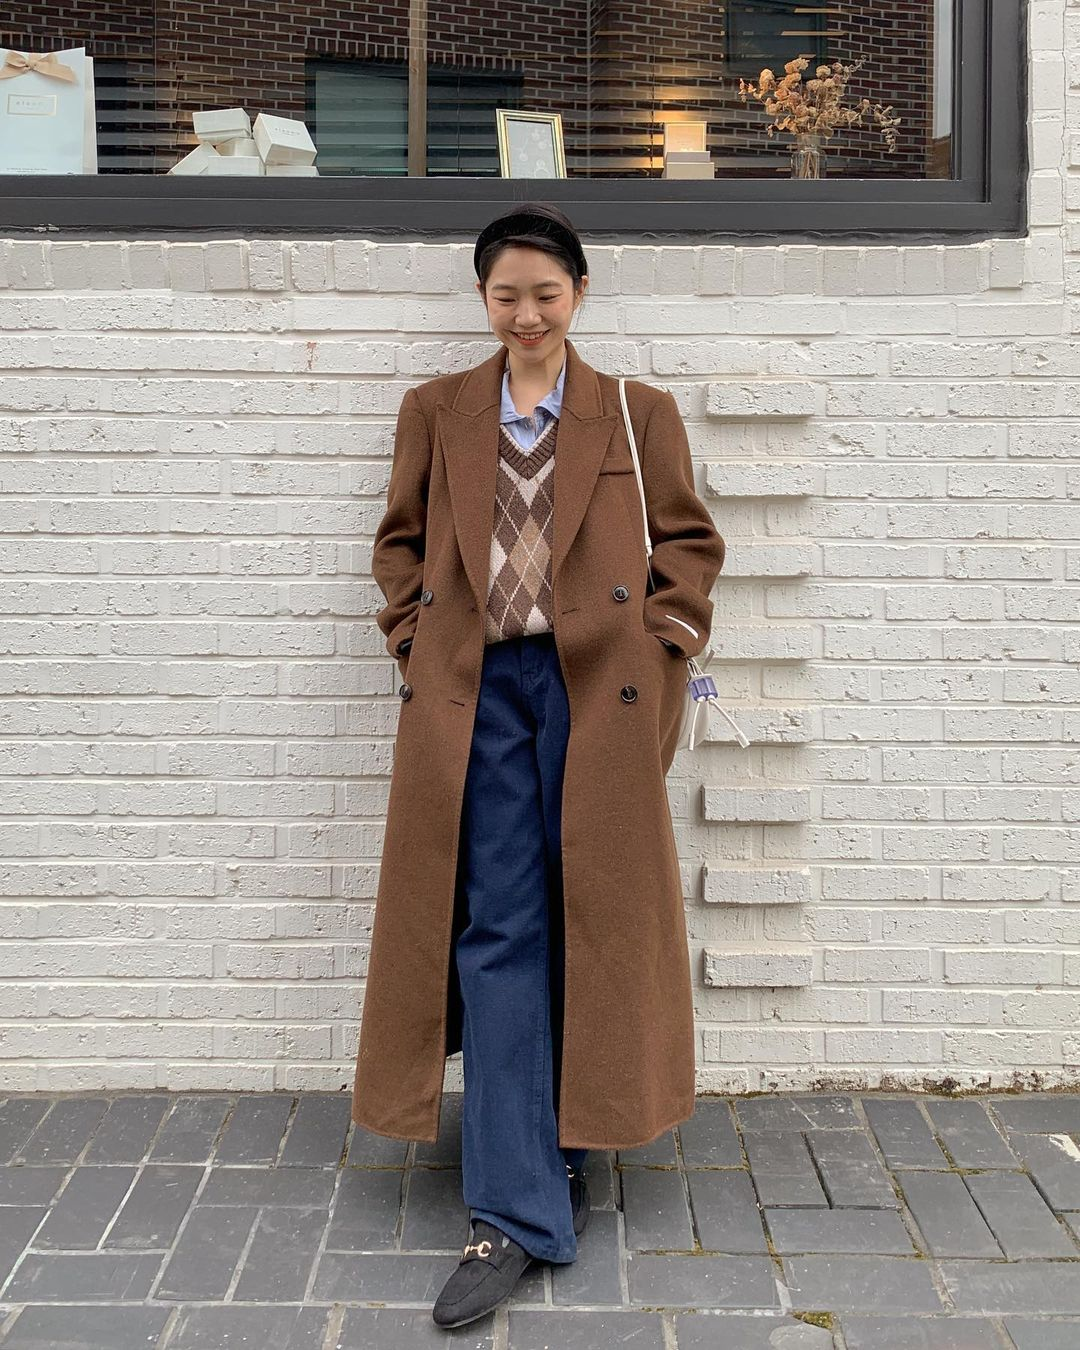 Mùa Đông diện áo khoác dáng dài là ấm nhất nhưng diện sao cho tôn dáng và sành điệu thì phải học 10 gợi ý sau - Ảnh 1.